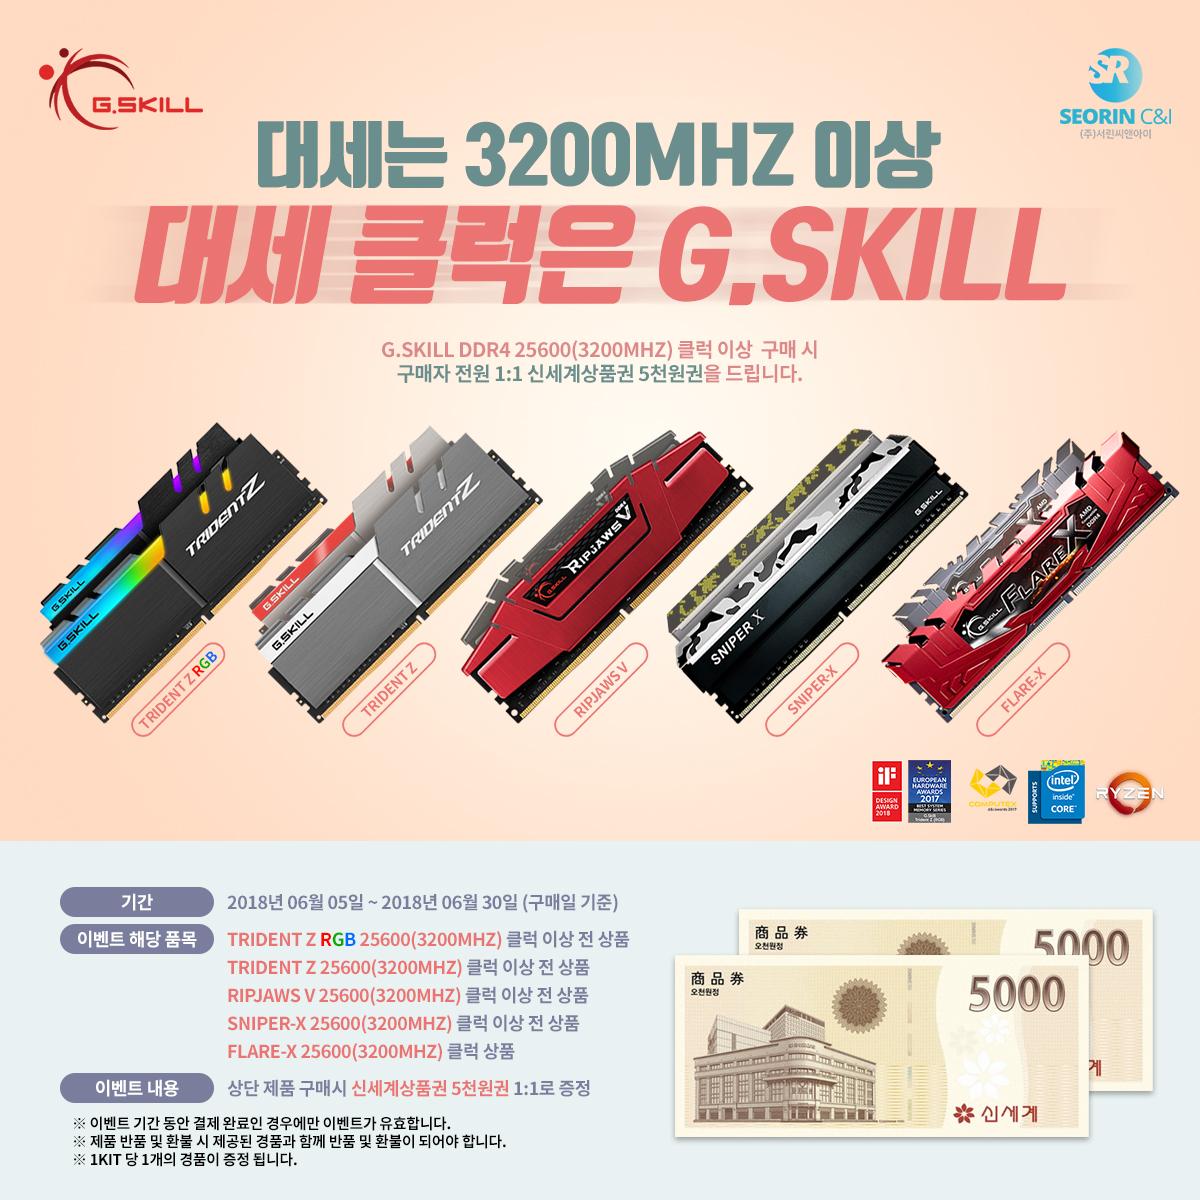 고클럭 메모리 3200MHZ이상은 역시 지스킬!! 신세계 상품권 100% 증정!